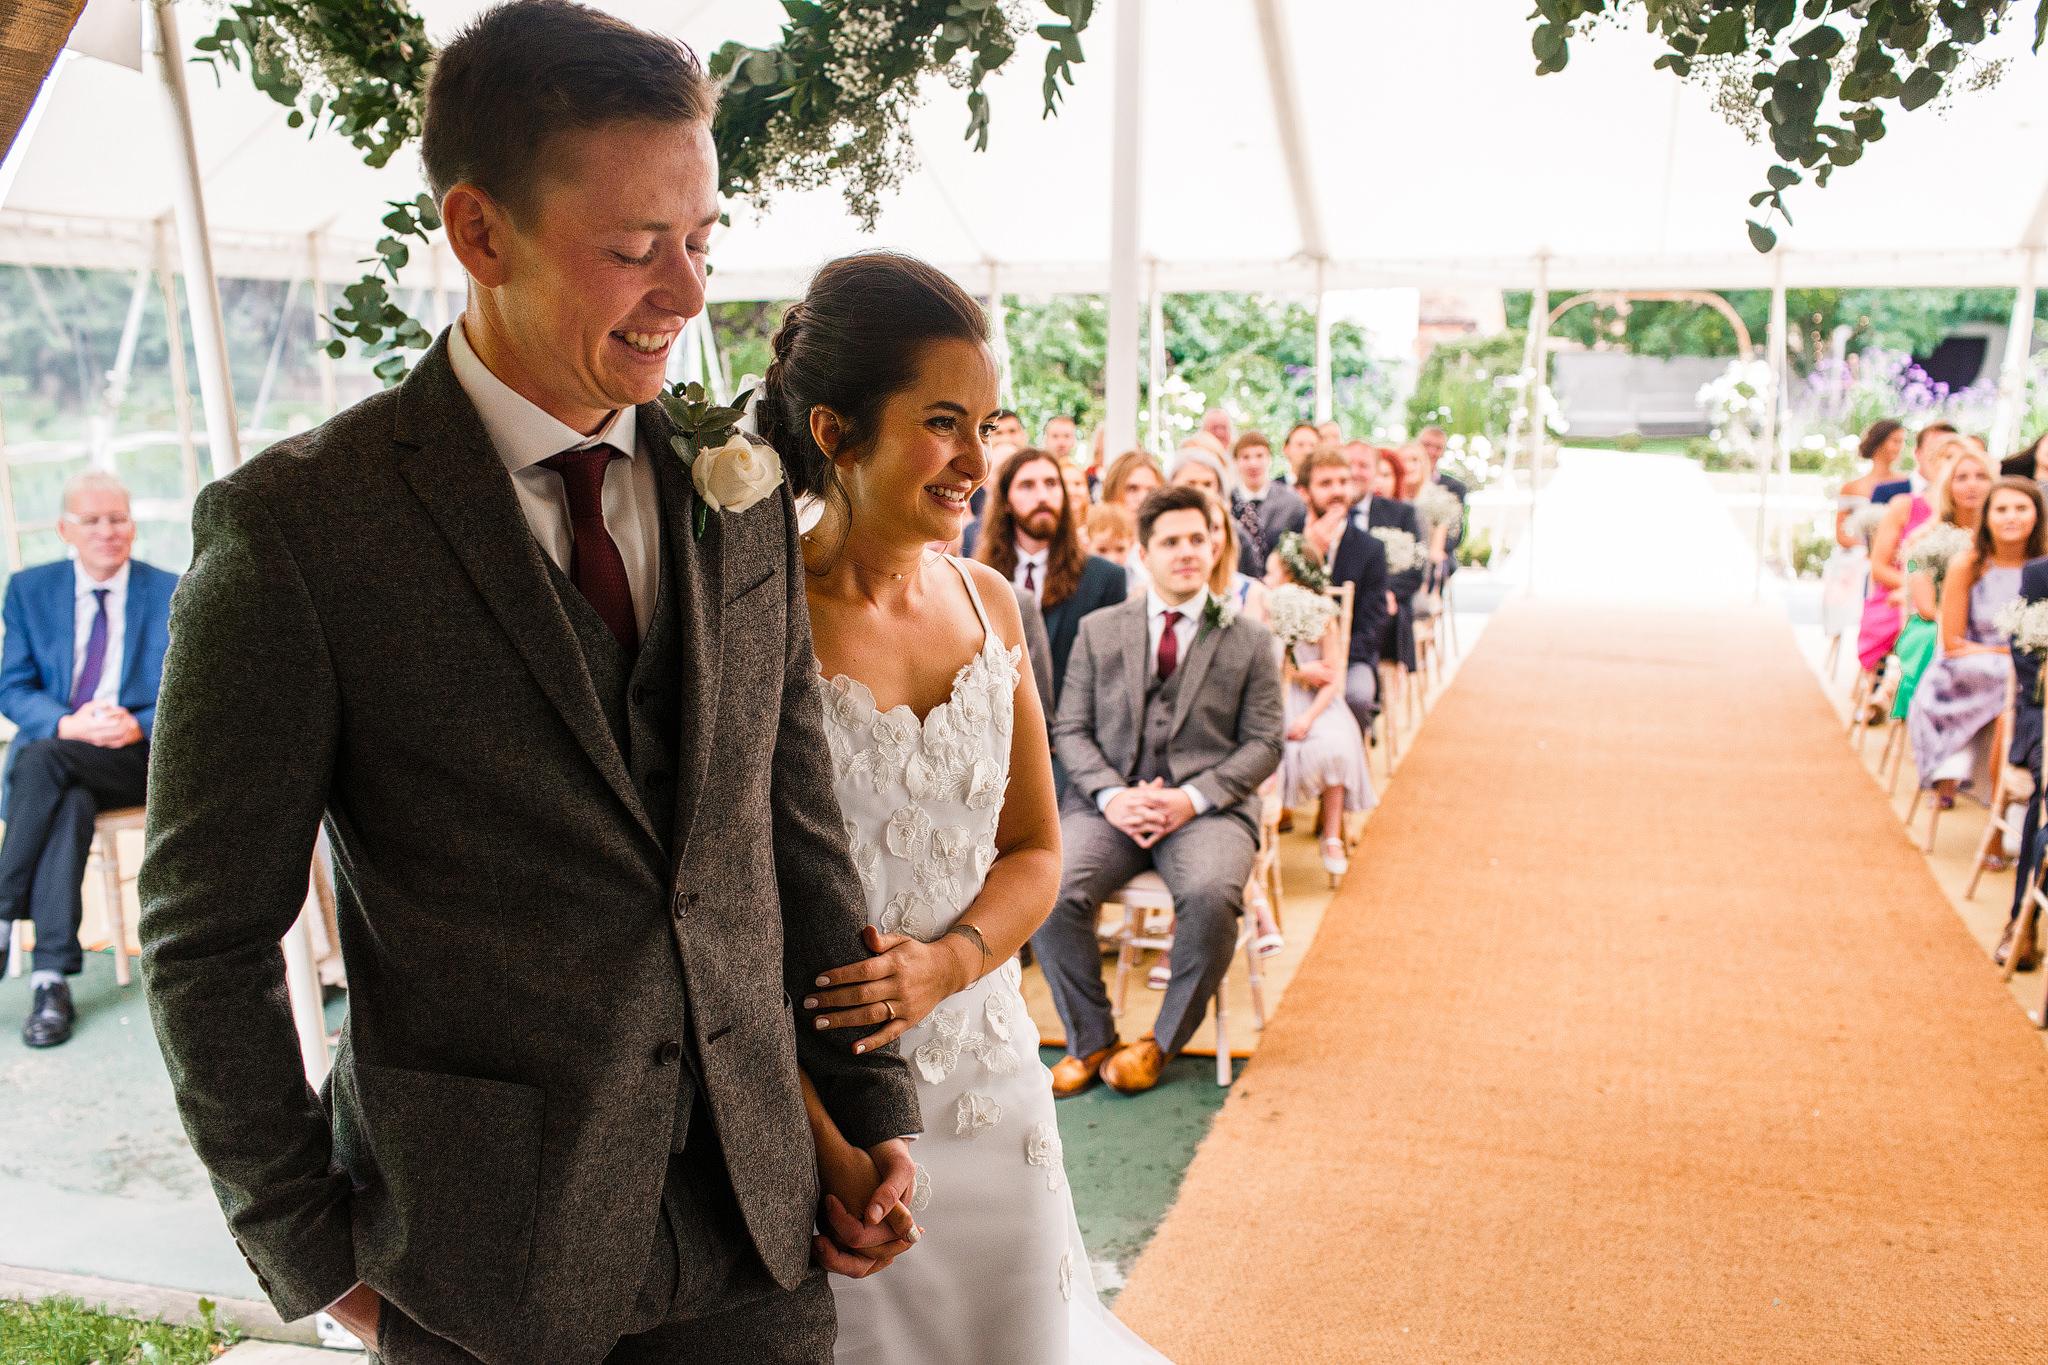 Houchins Wedding Venue. Essex